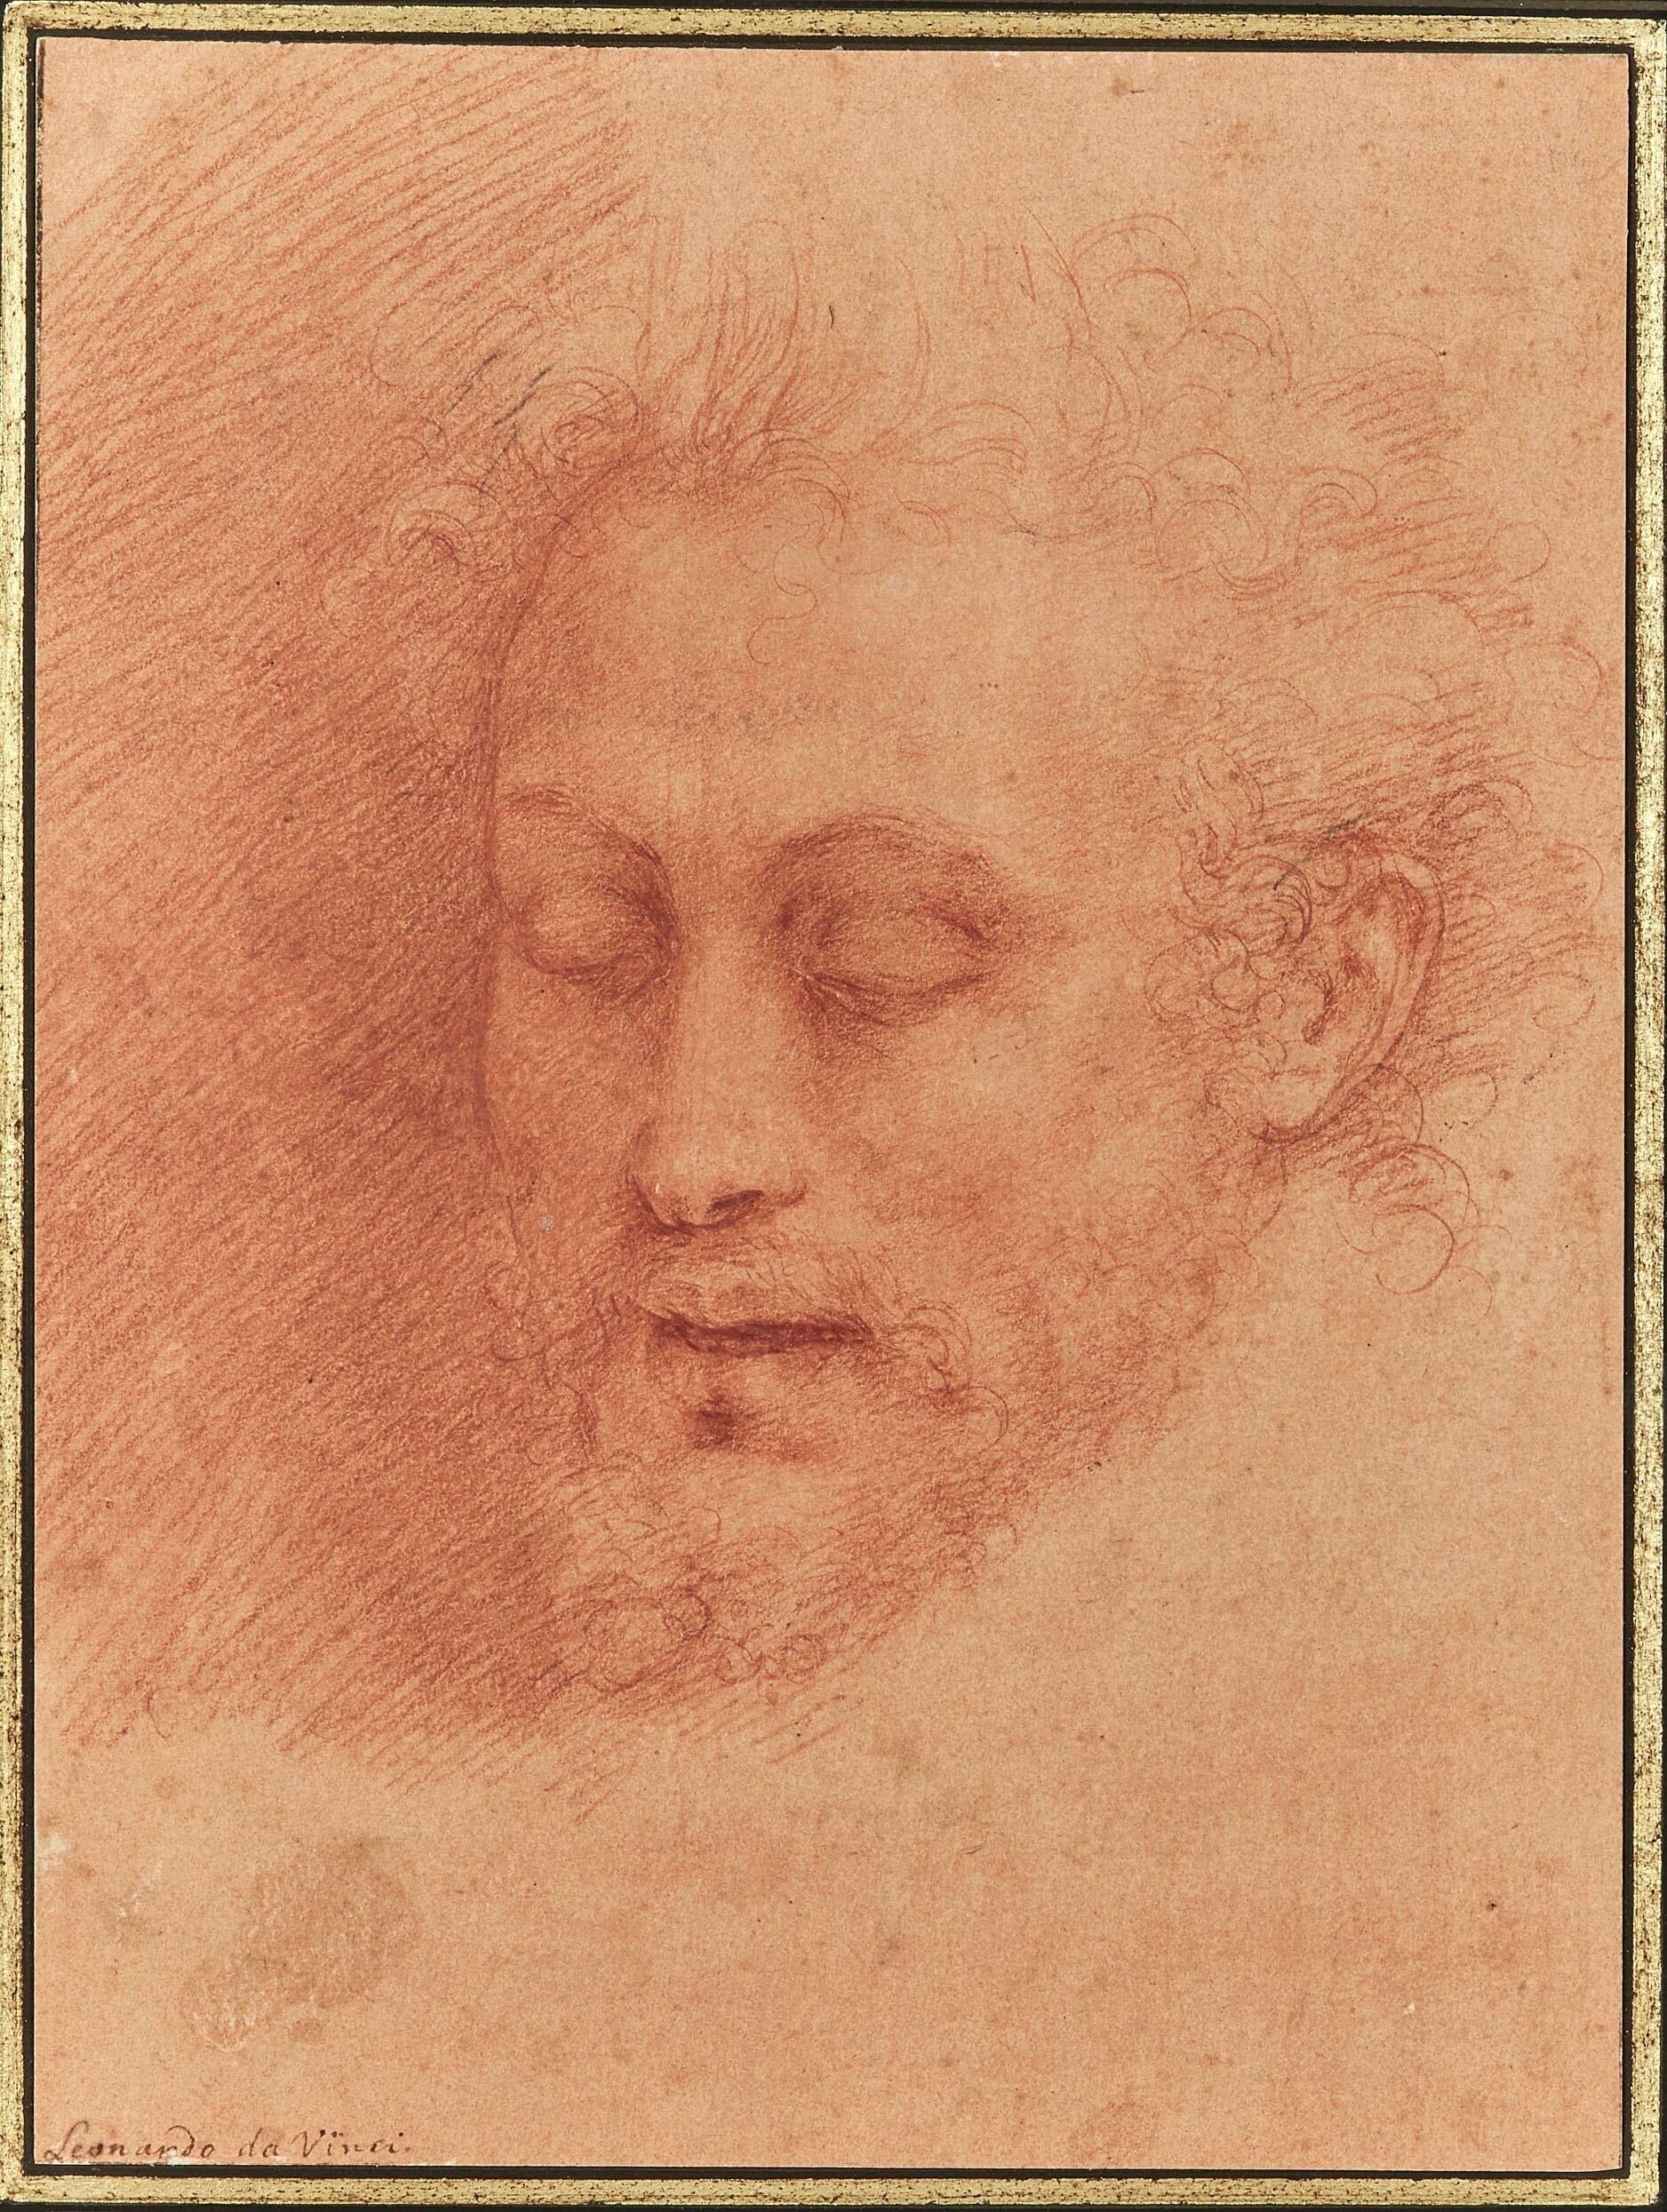 Cabeza de San Juan Bautista, Cesare Da Sesto (1477-1523),  sanguina sobre papel.